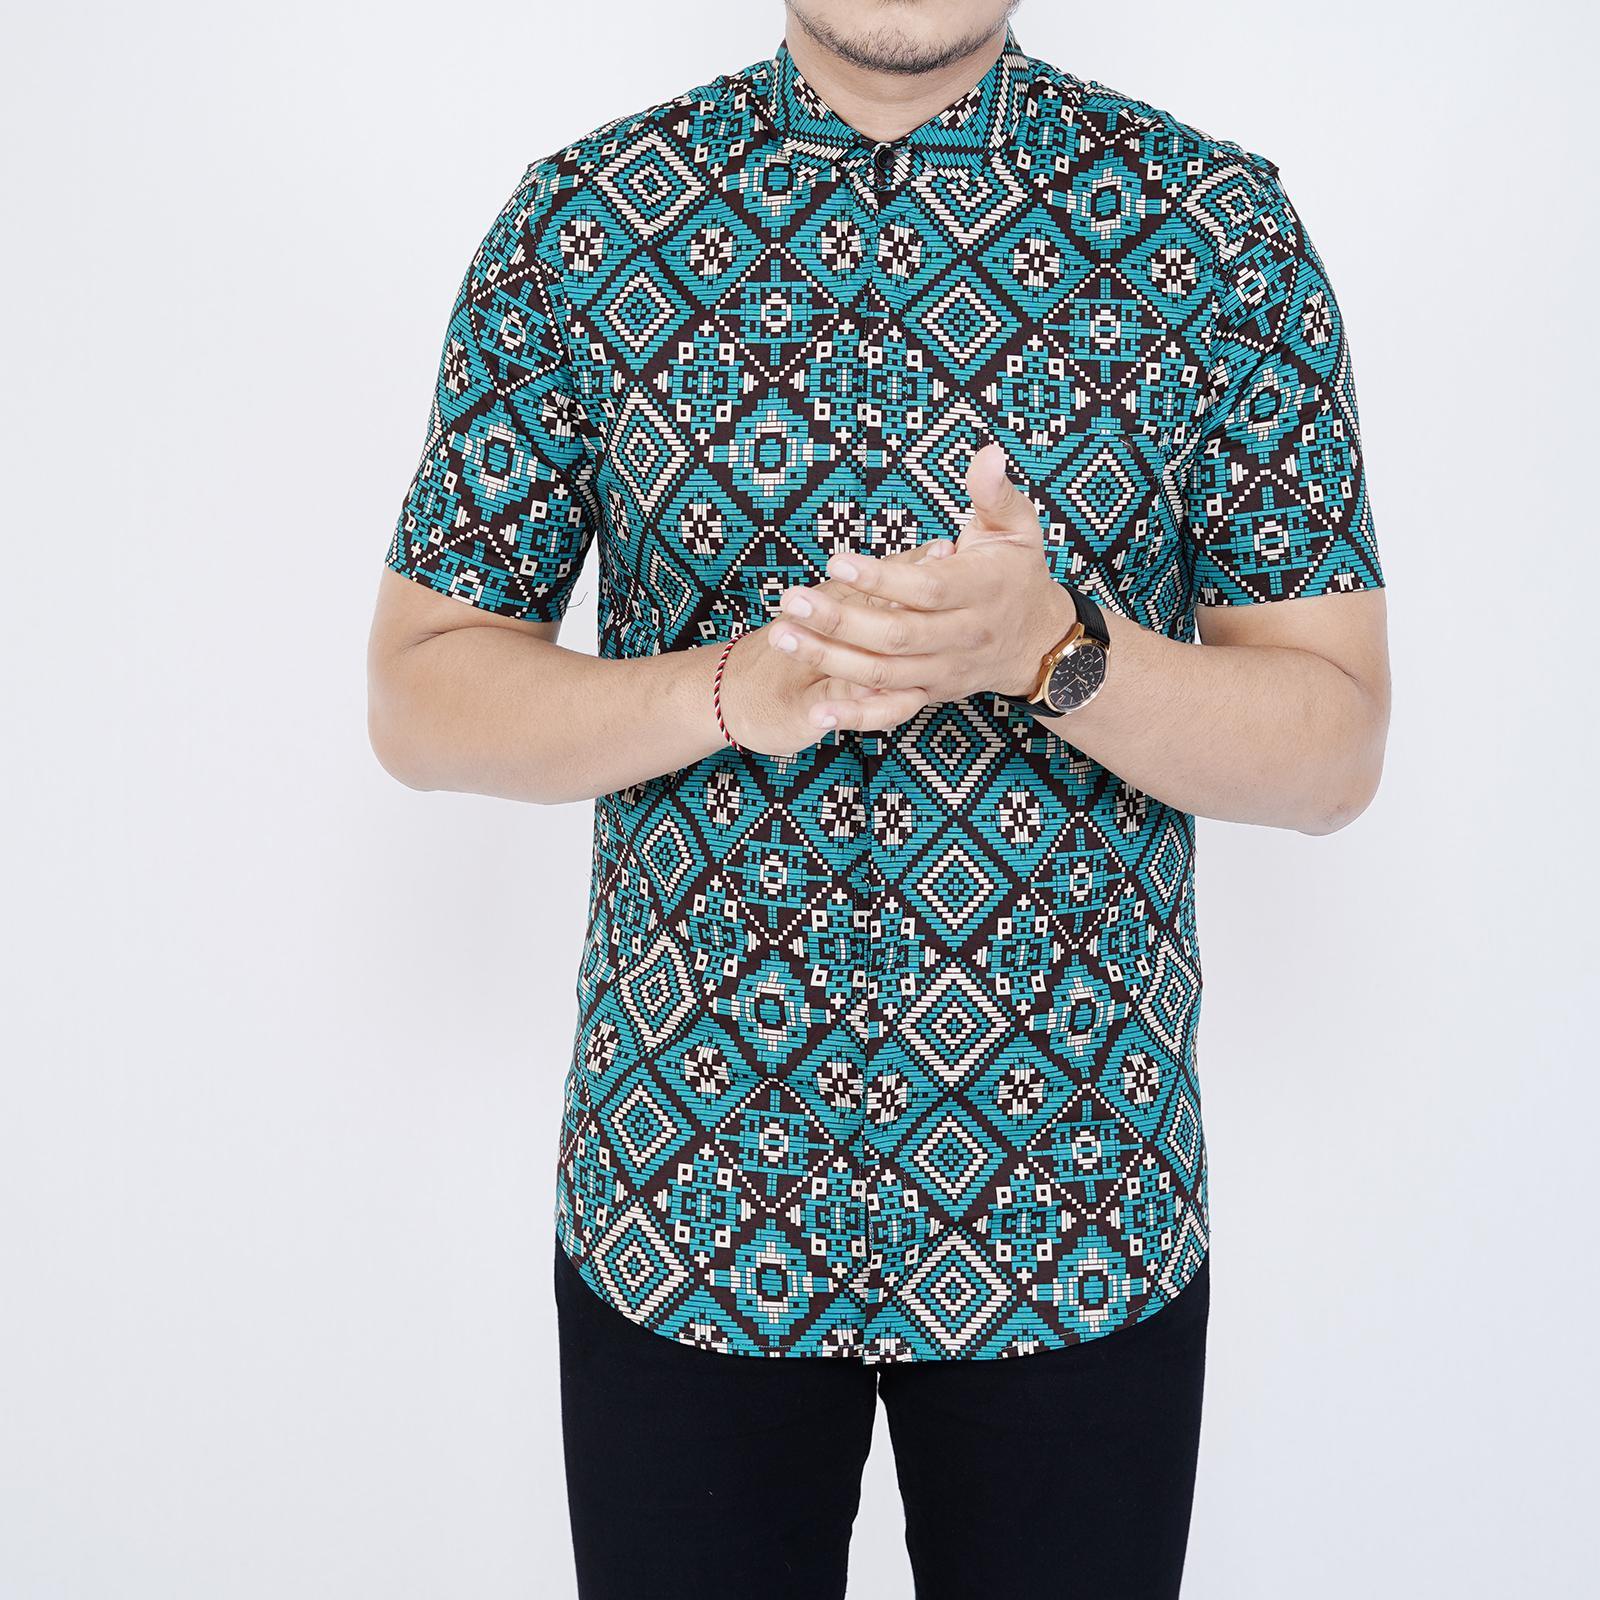 Jual Baju Batik Terbaik  d23bdde65f